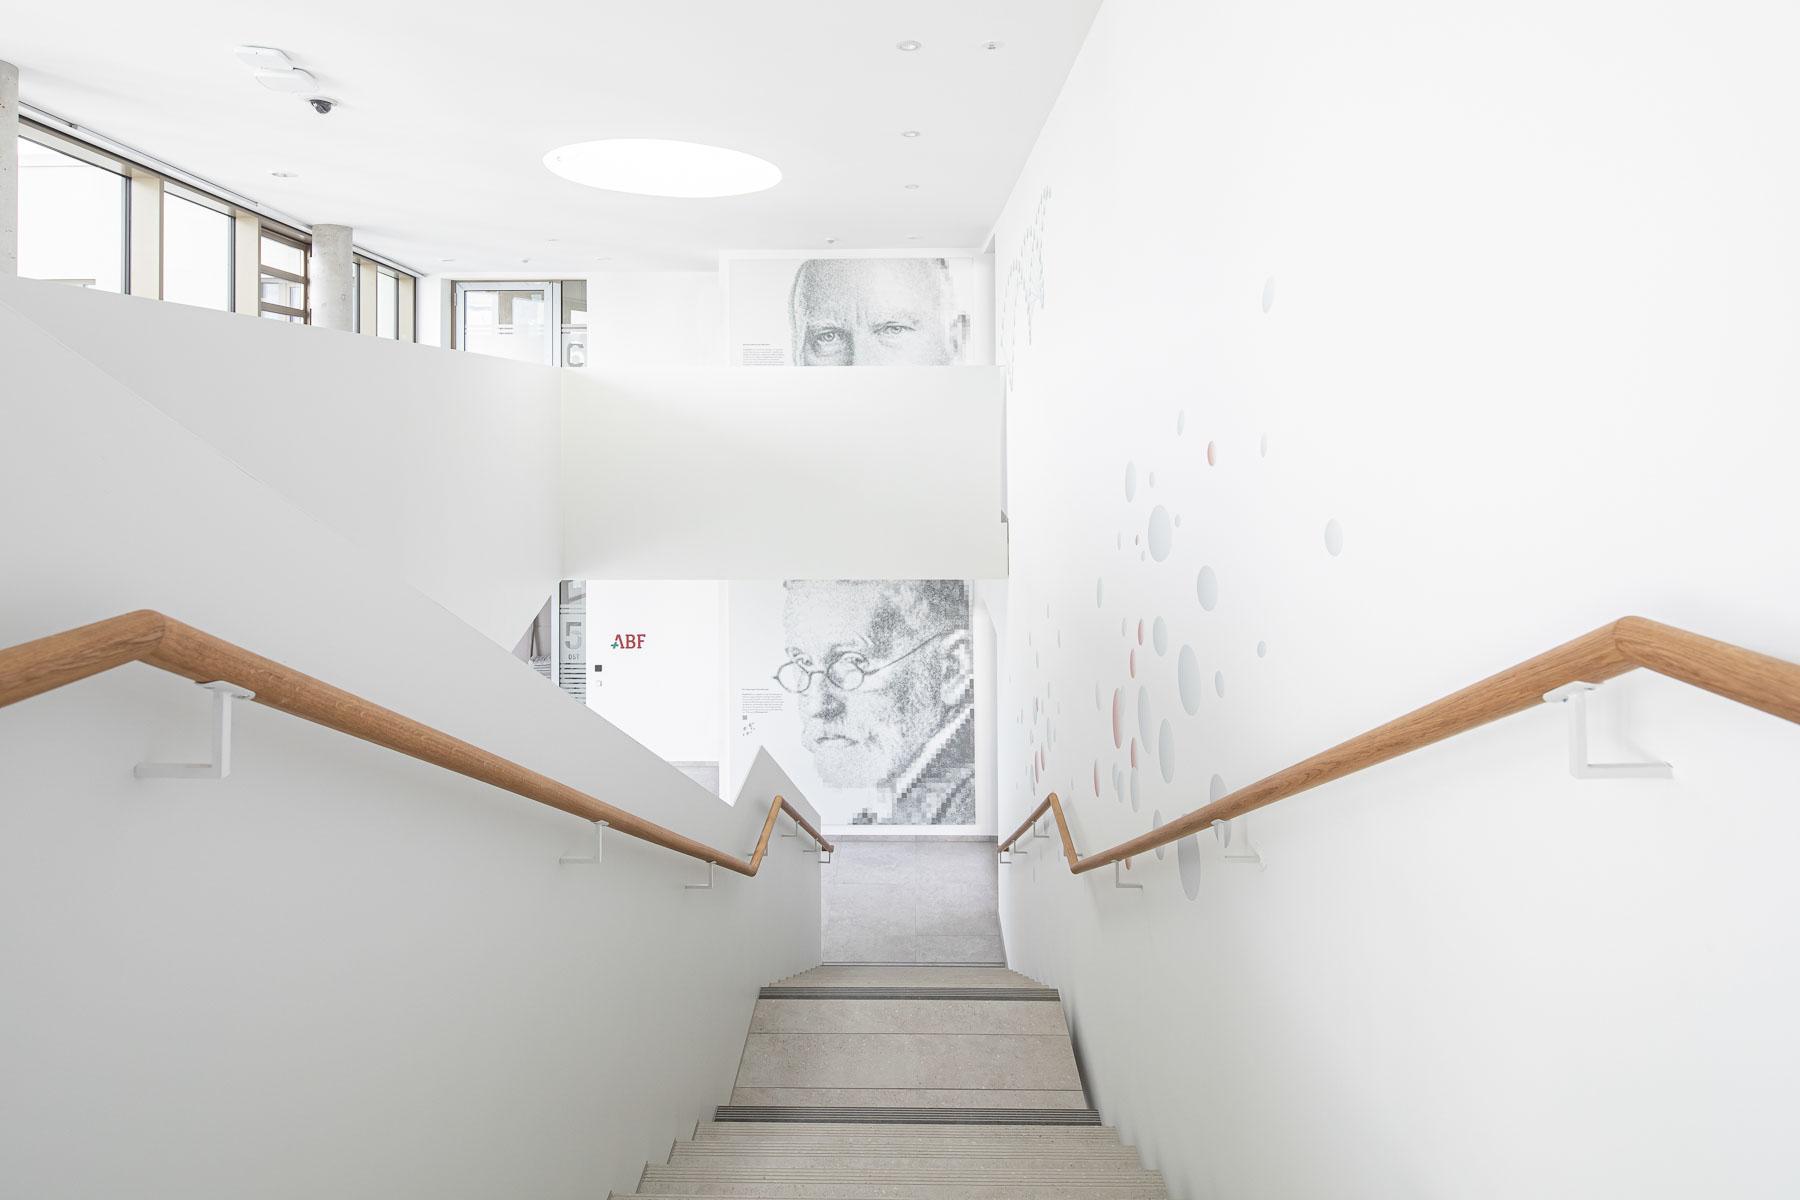 Gestaltung der Treppenhalle